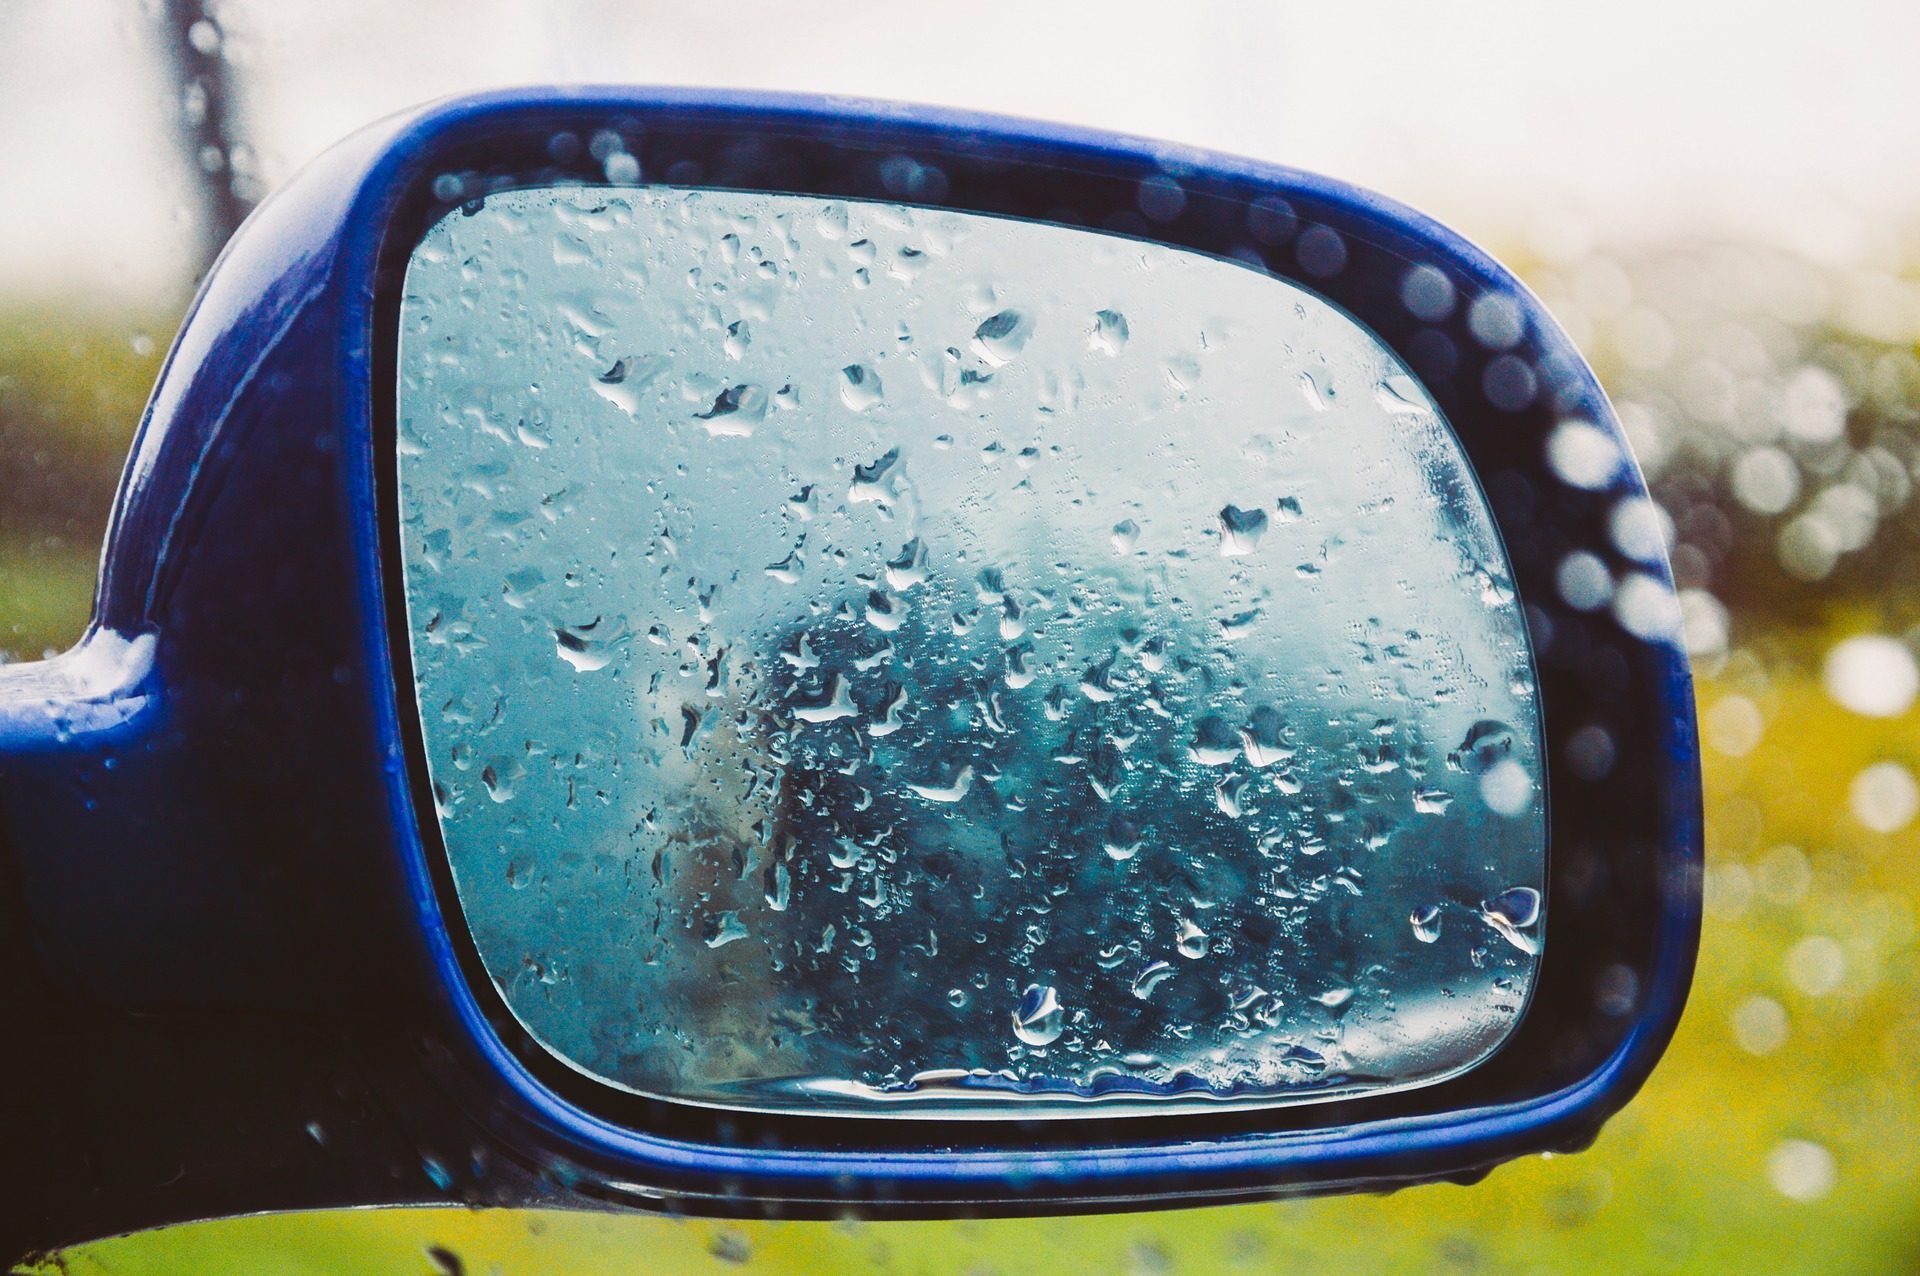 specchietto retrovisore, specchio, auto, gocce, acqua, pioggia - Sfondi HD - Professor-falken.com